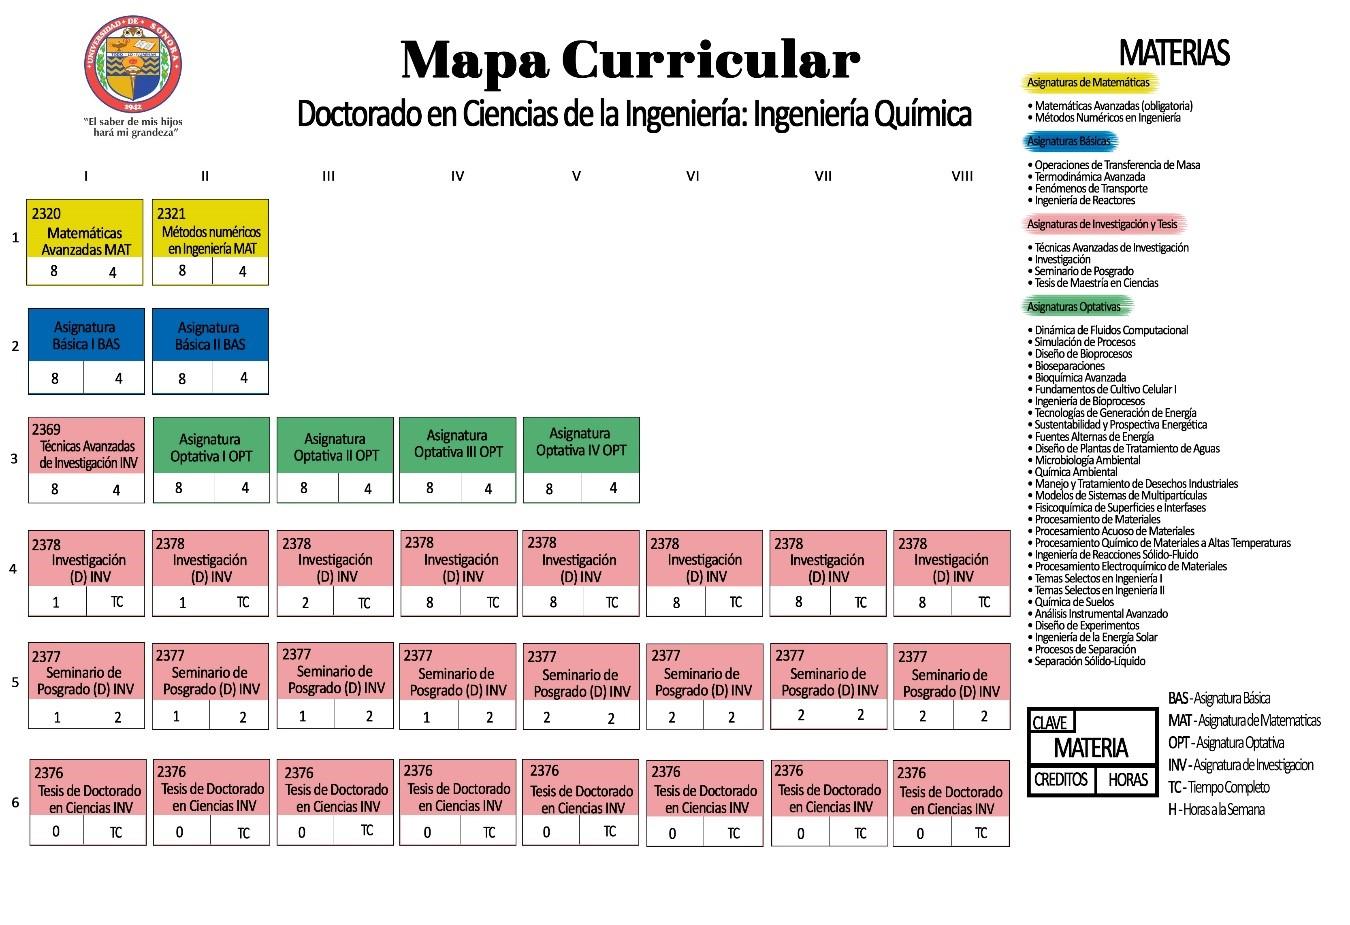 114656_Mapacurricular07.jpg